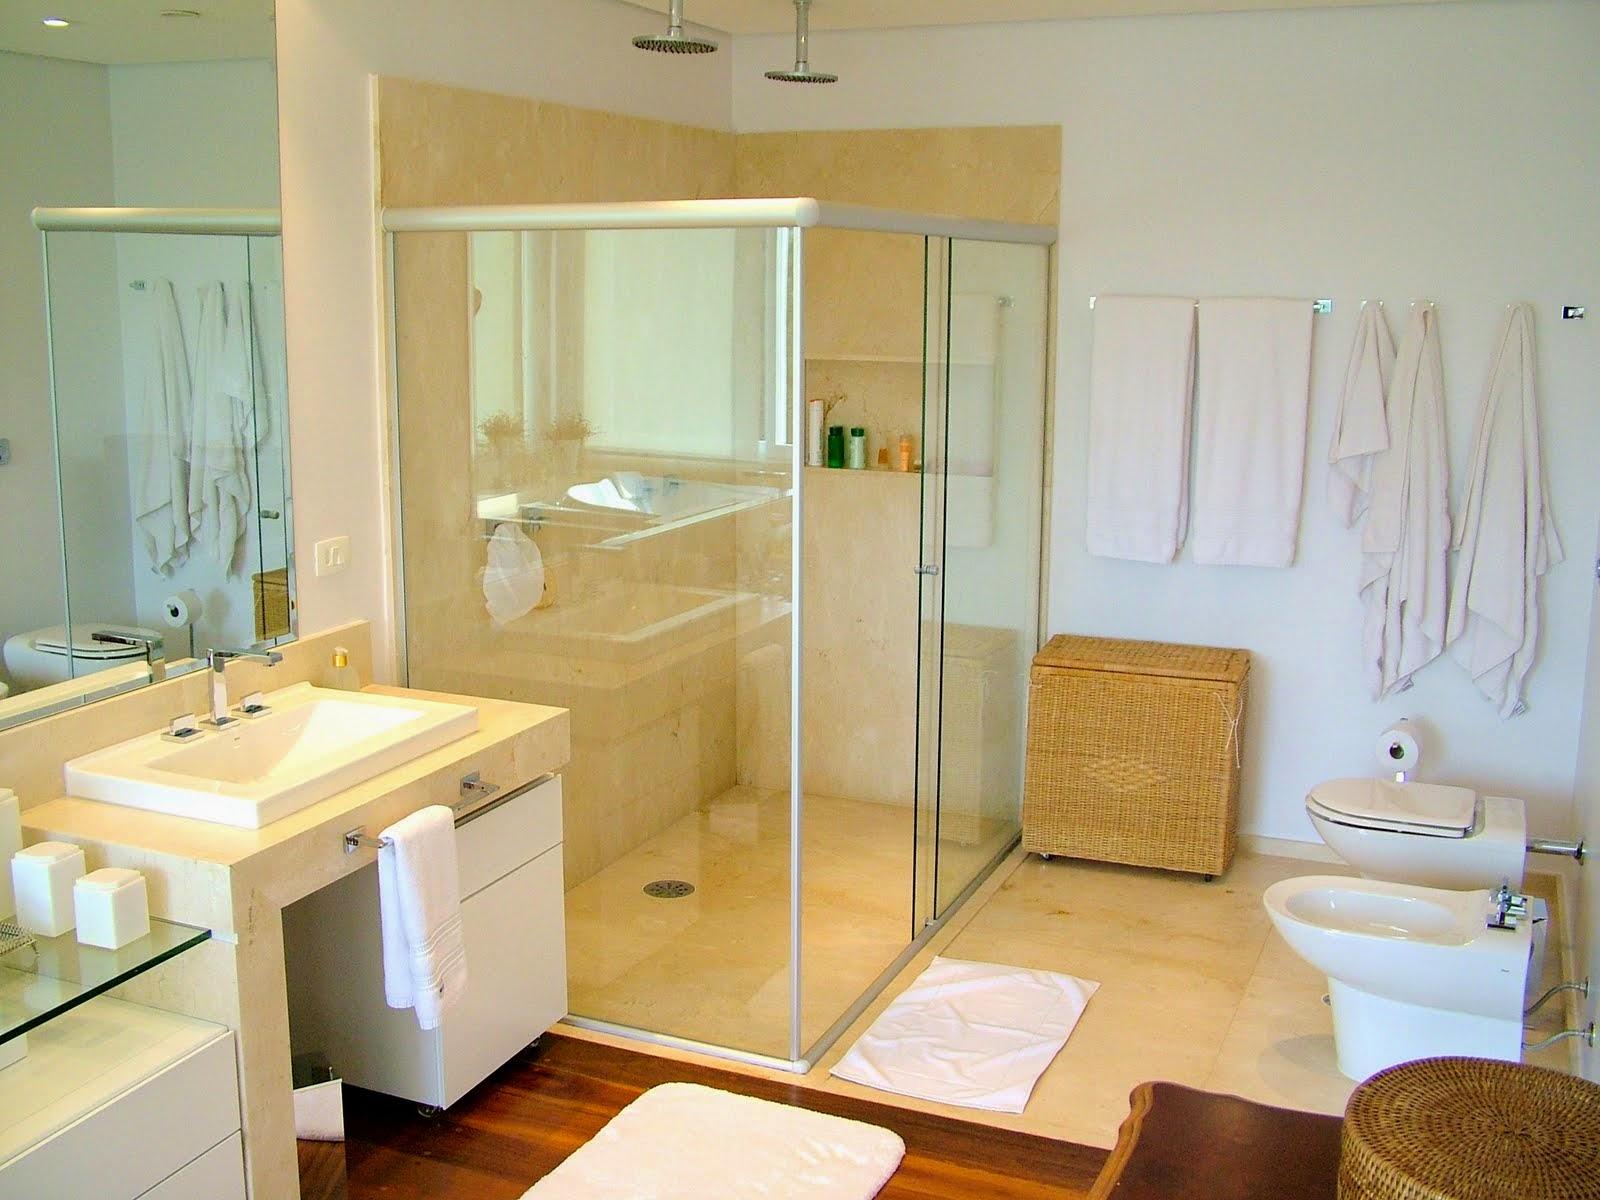 Imagens de #703D17  decoracao de banheiros pequenos com box box para banheiro  1600x1200 px 3484 Blindex Para Banheiro Rj